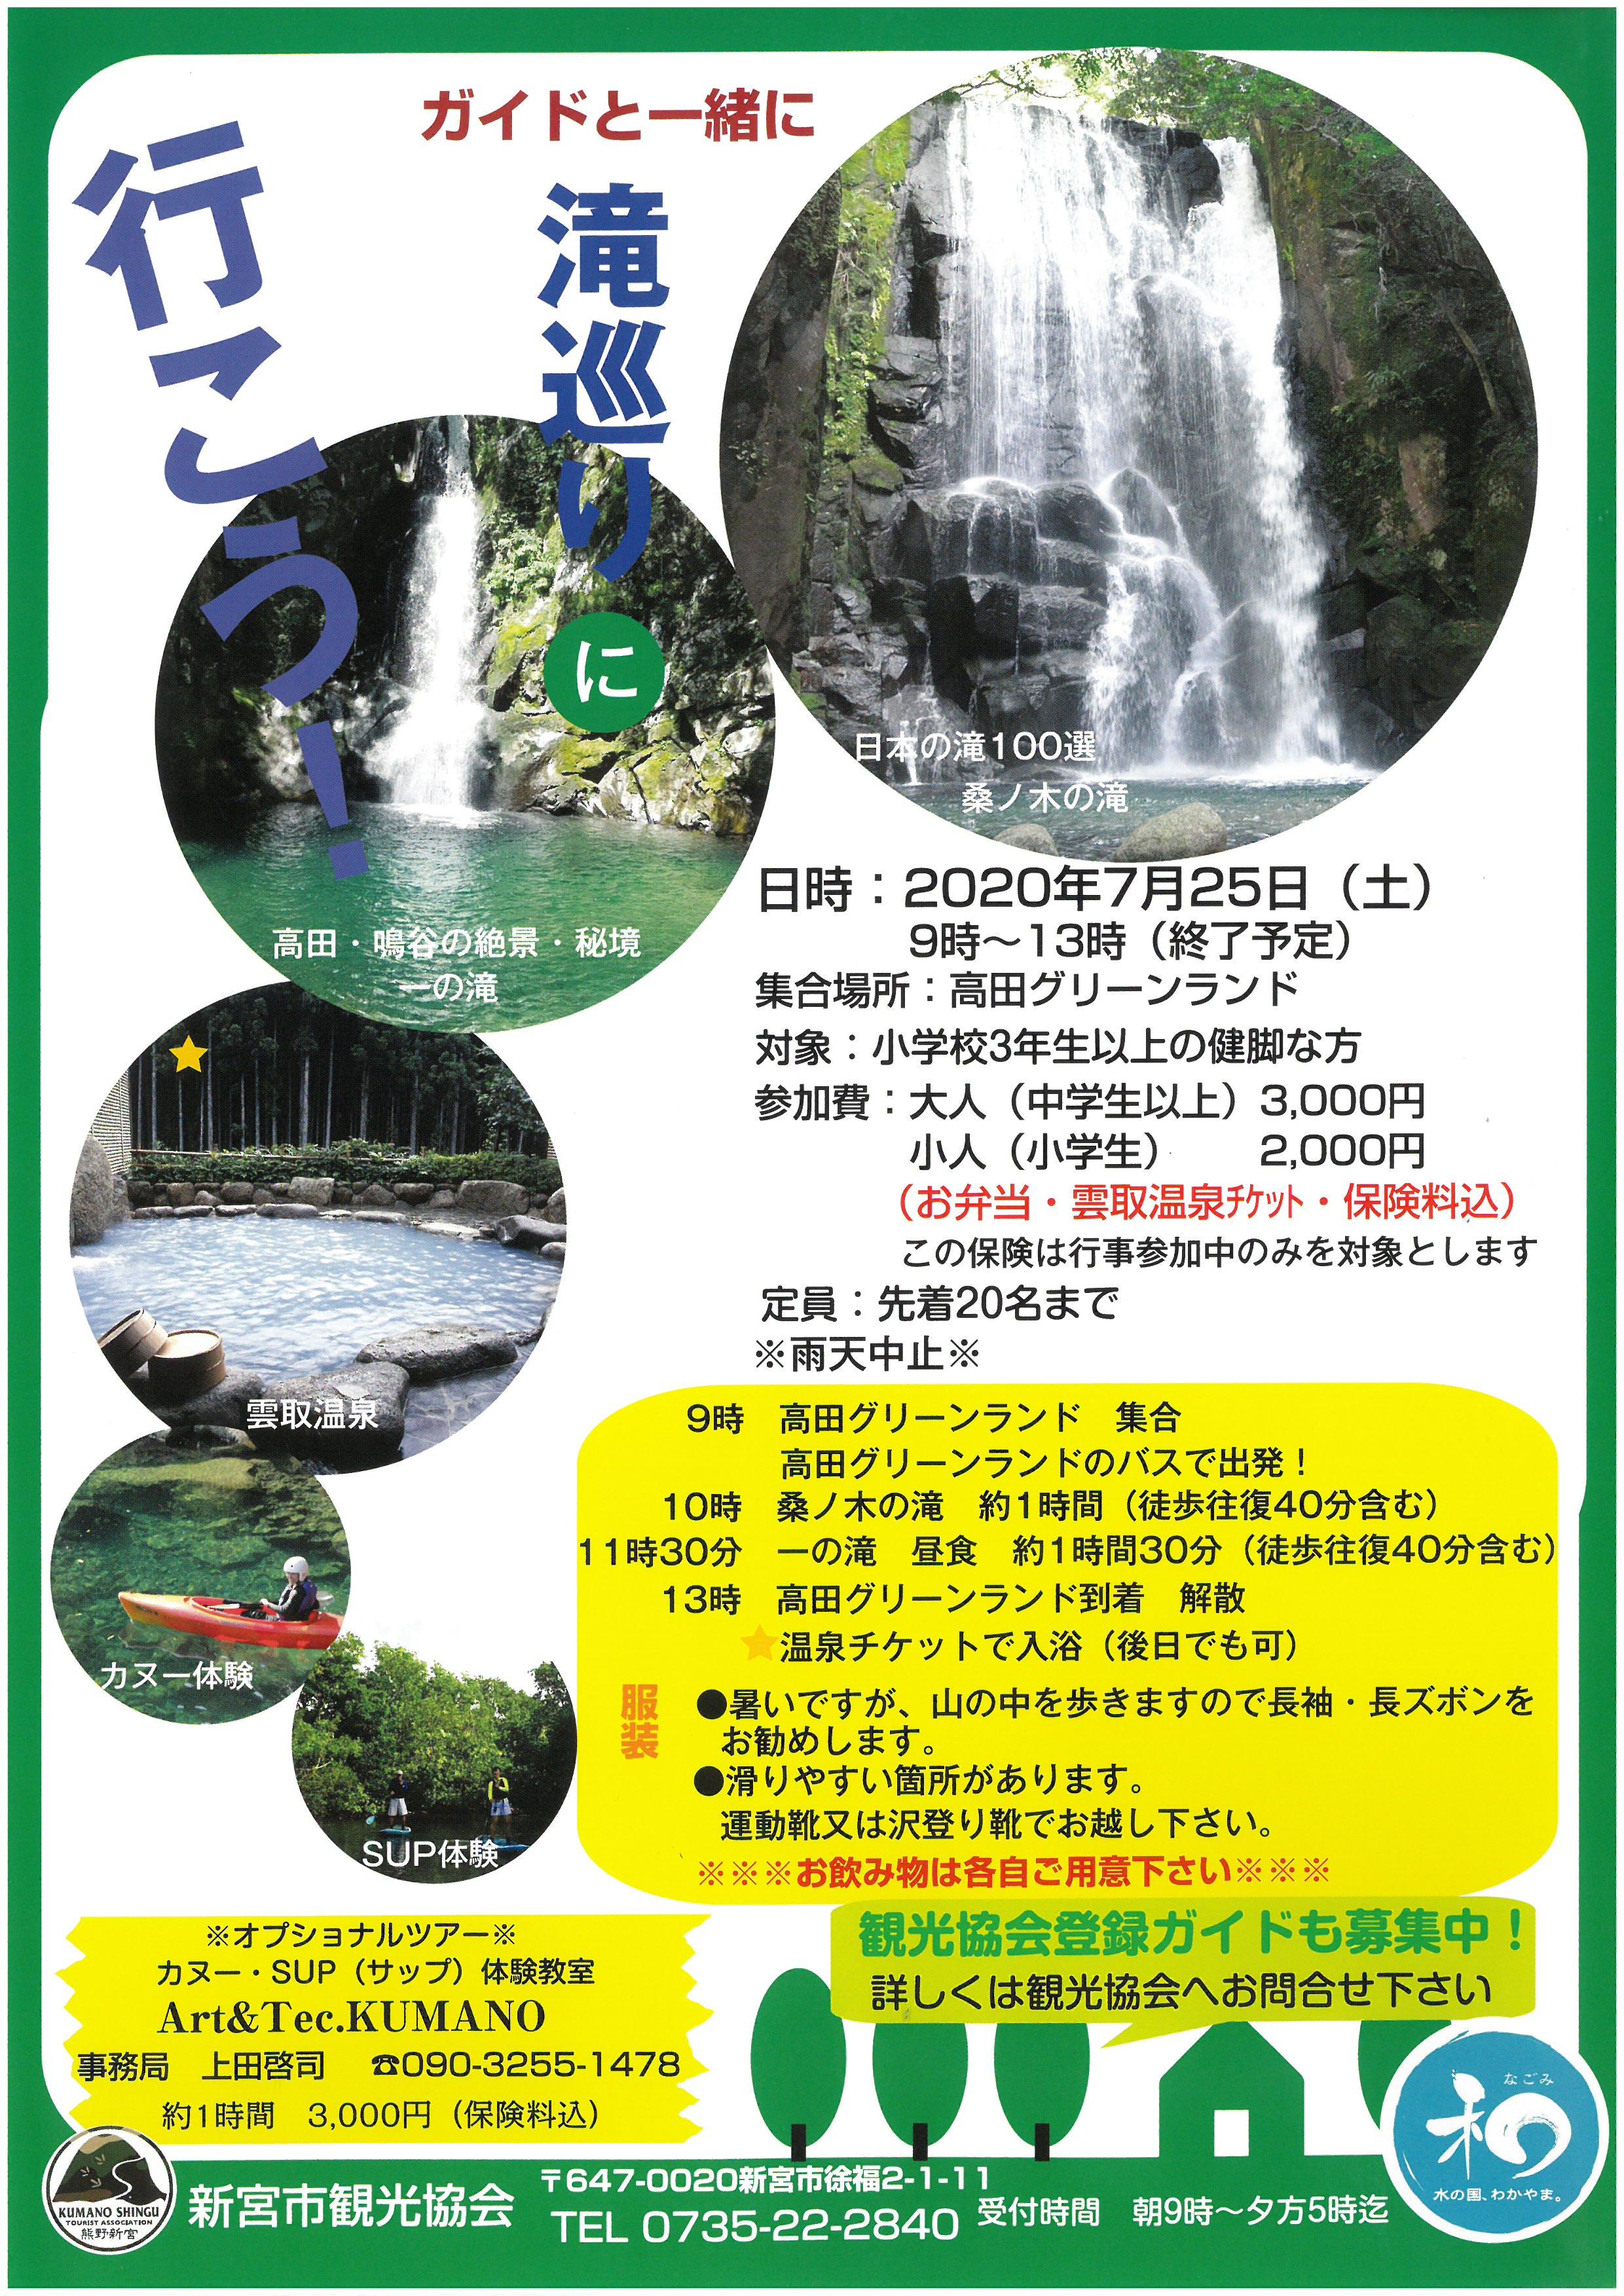 滝巡りツアーの開催について!